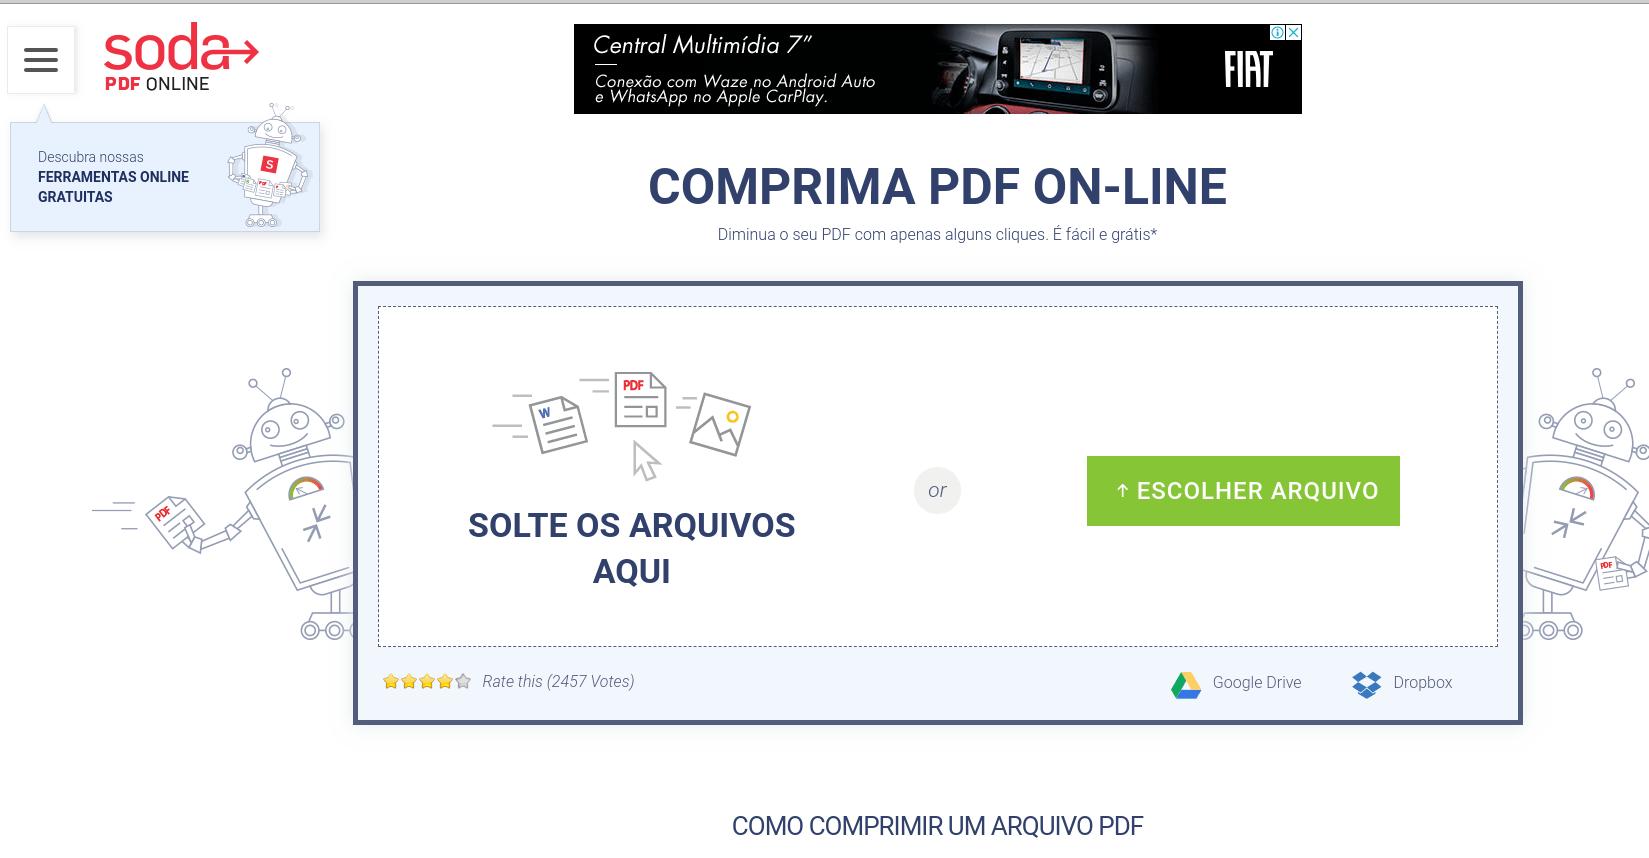 Soda PDF - Enviar arquivos